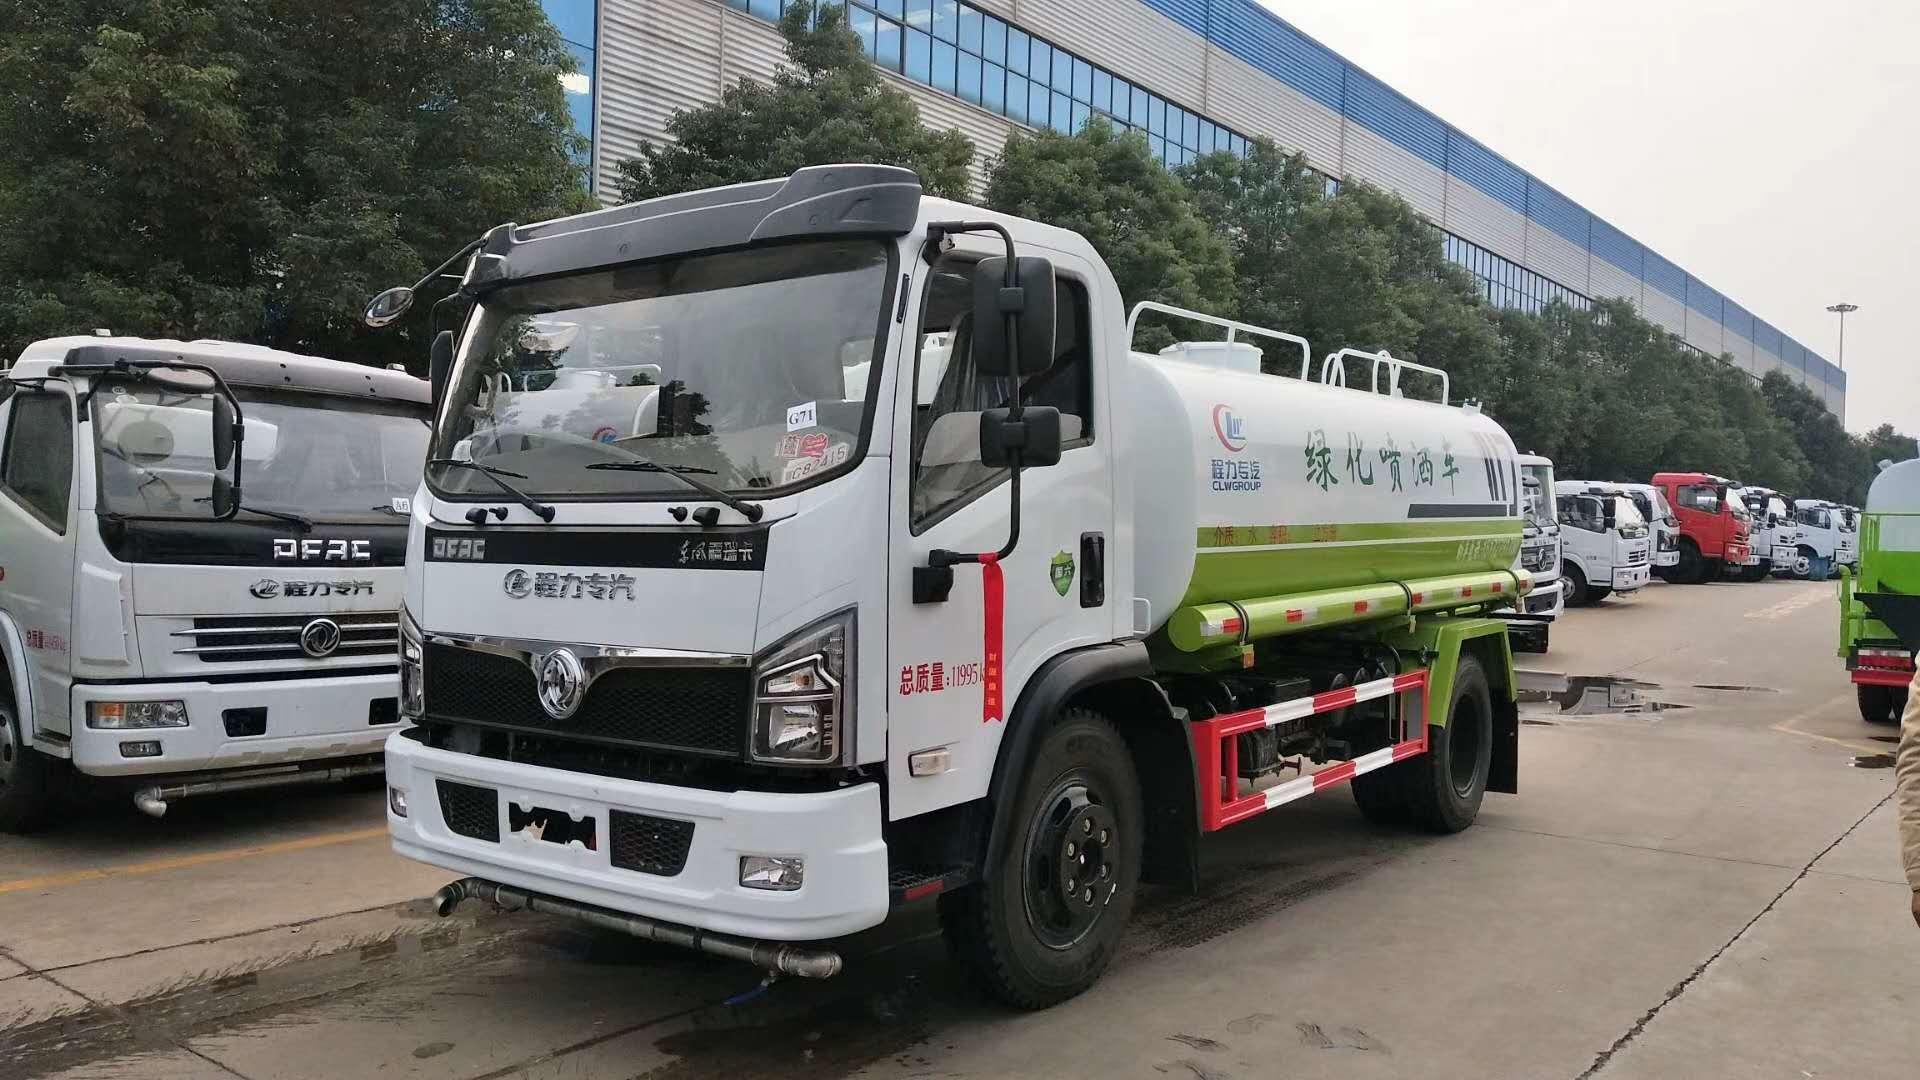 限量版—東風D9康機220馬力14方國六灑水車,限量銷售,搶到既賺到,優勢明顯,價格美麗。視頻